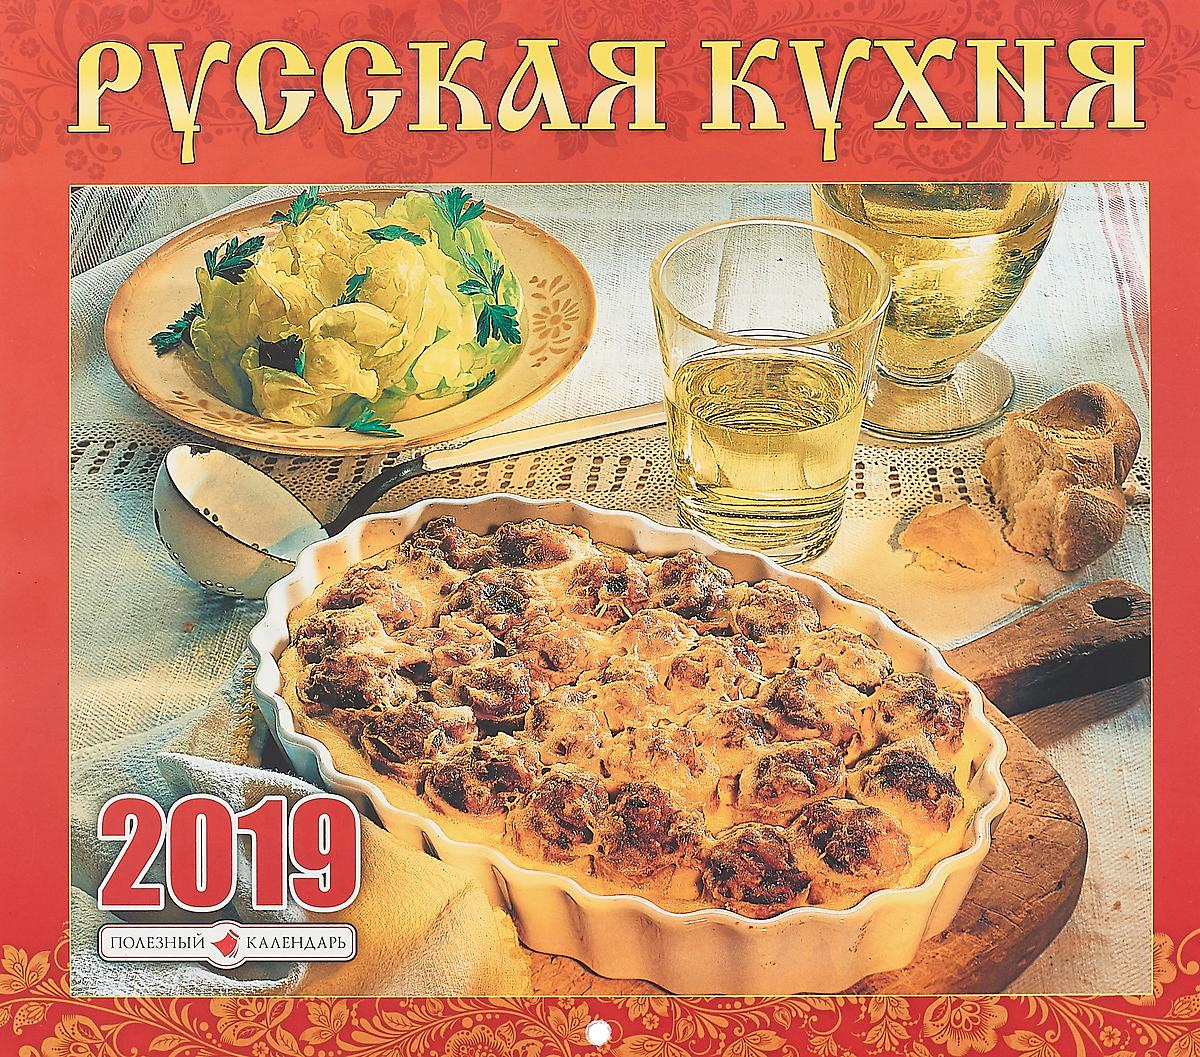 Календарь. 2019 г. Перекидной. 33х29. Русская кухня